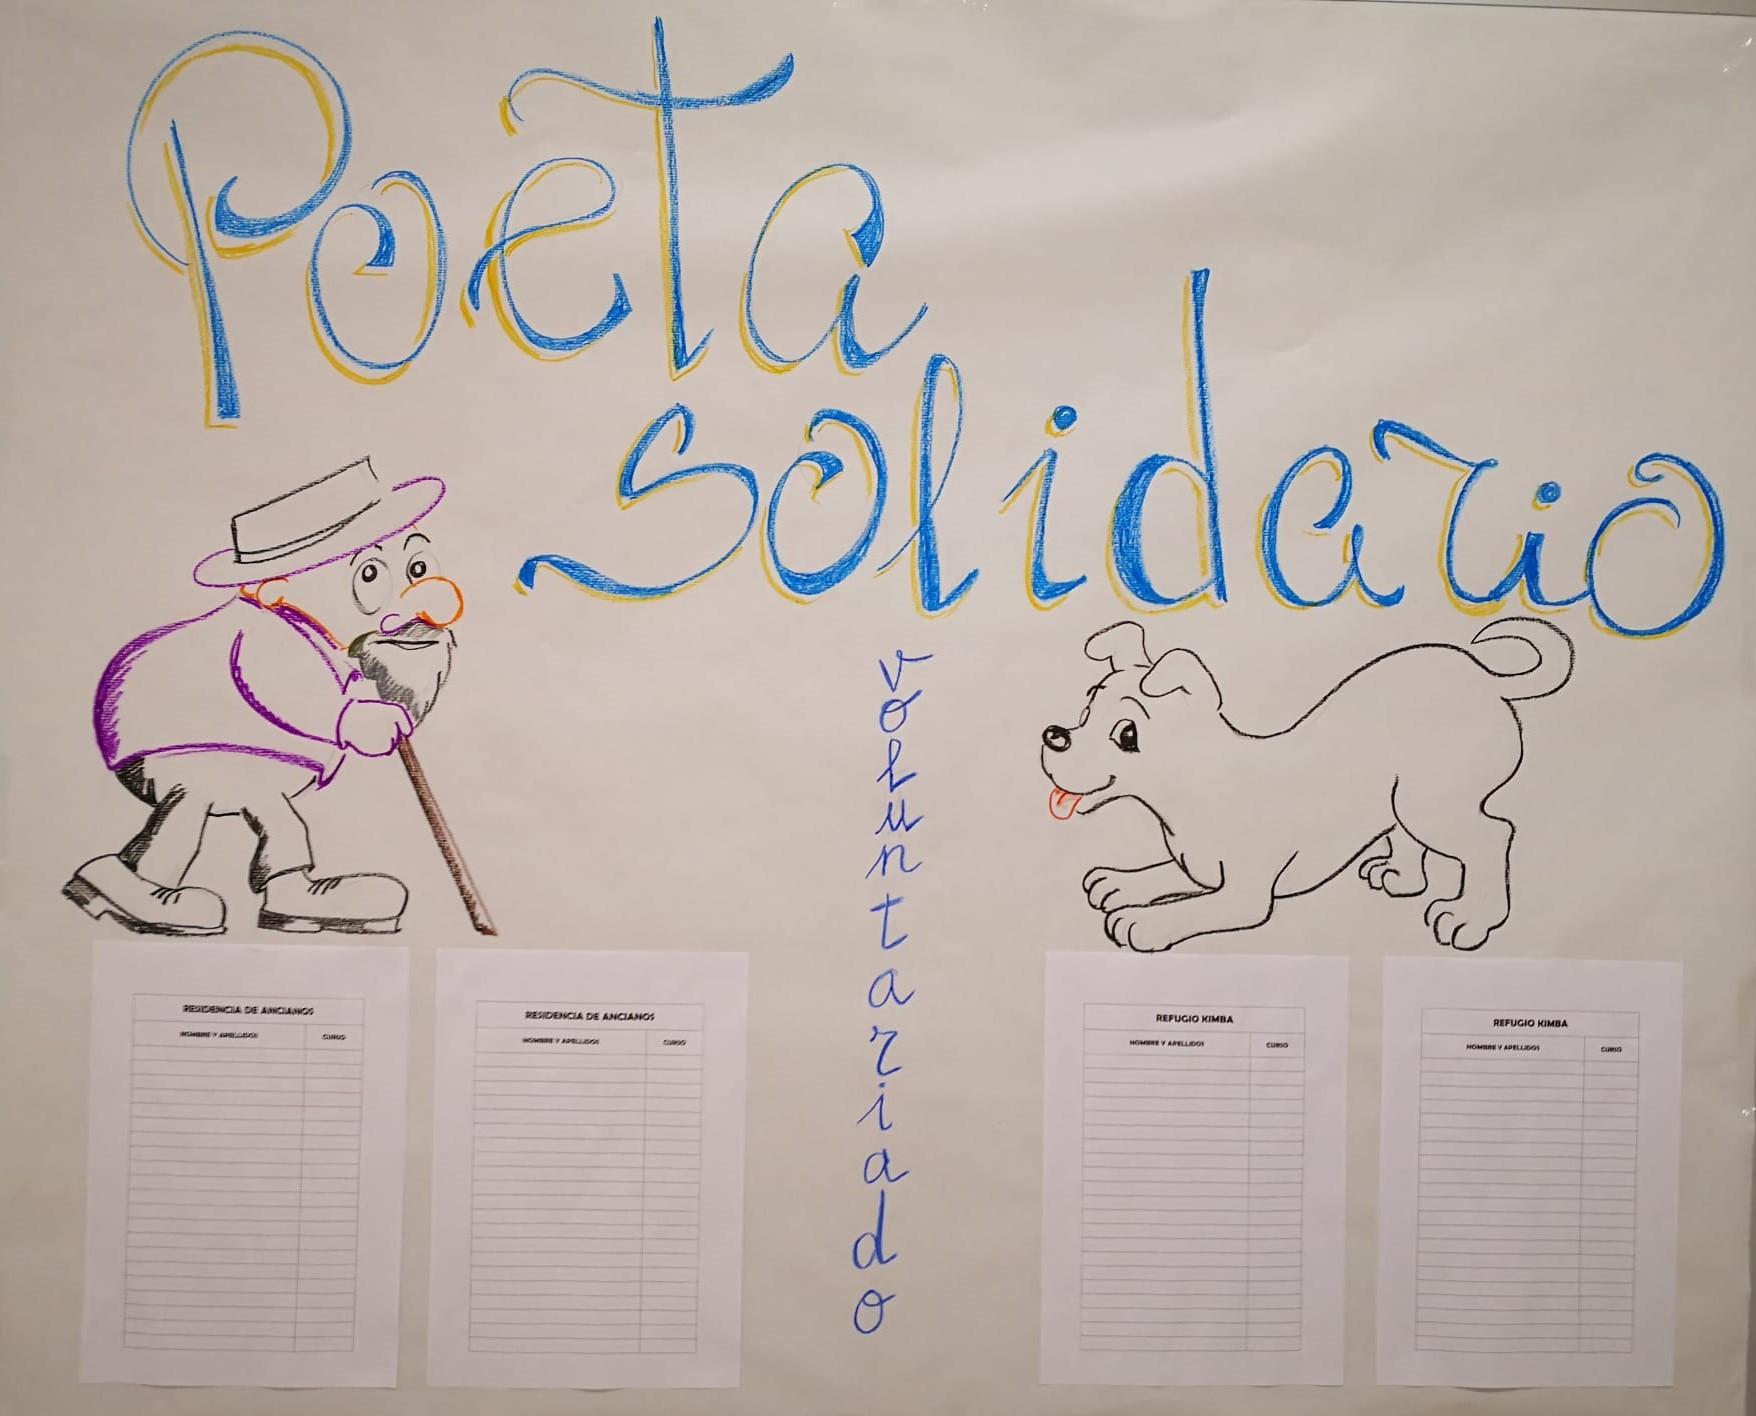 Imagen de la noticia: Poeta Solidario [Actualizado]